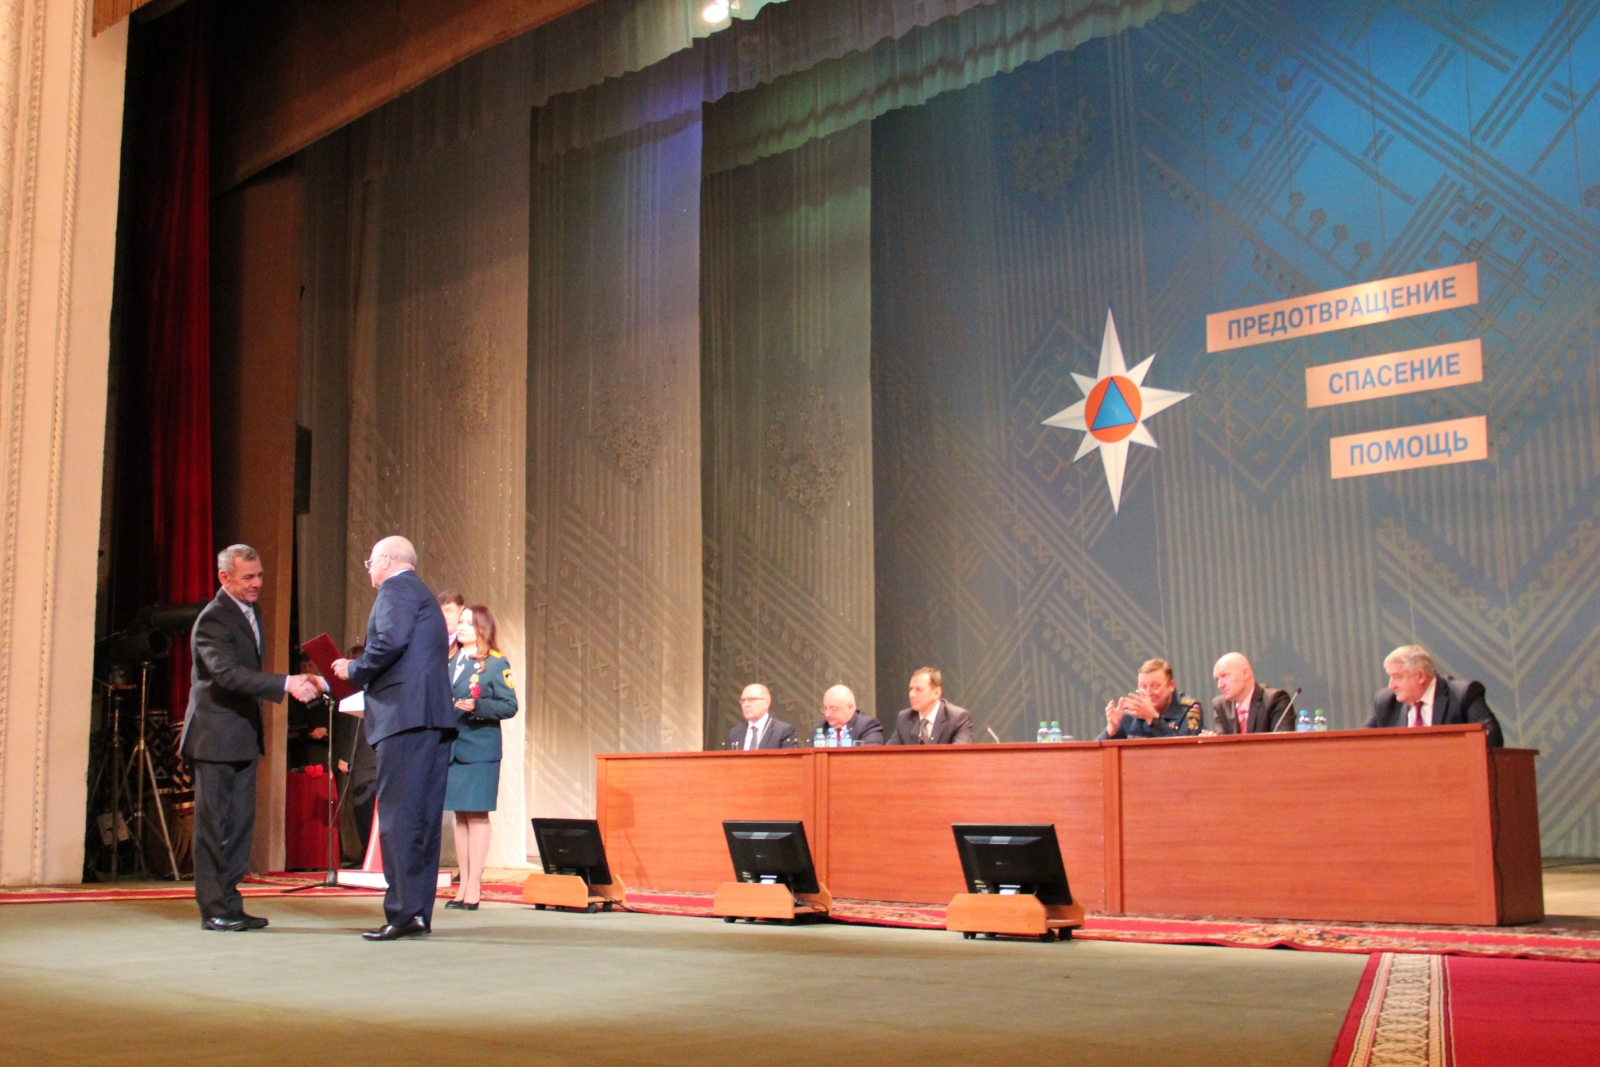 Подведение итогов деятельности территориальной подсистемы РСЧС за 2014 года